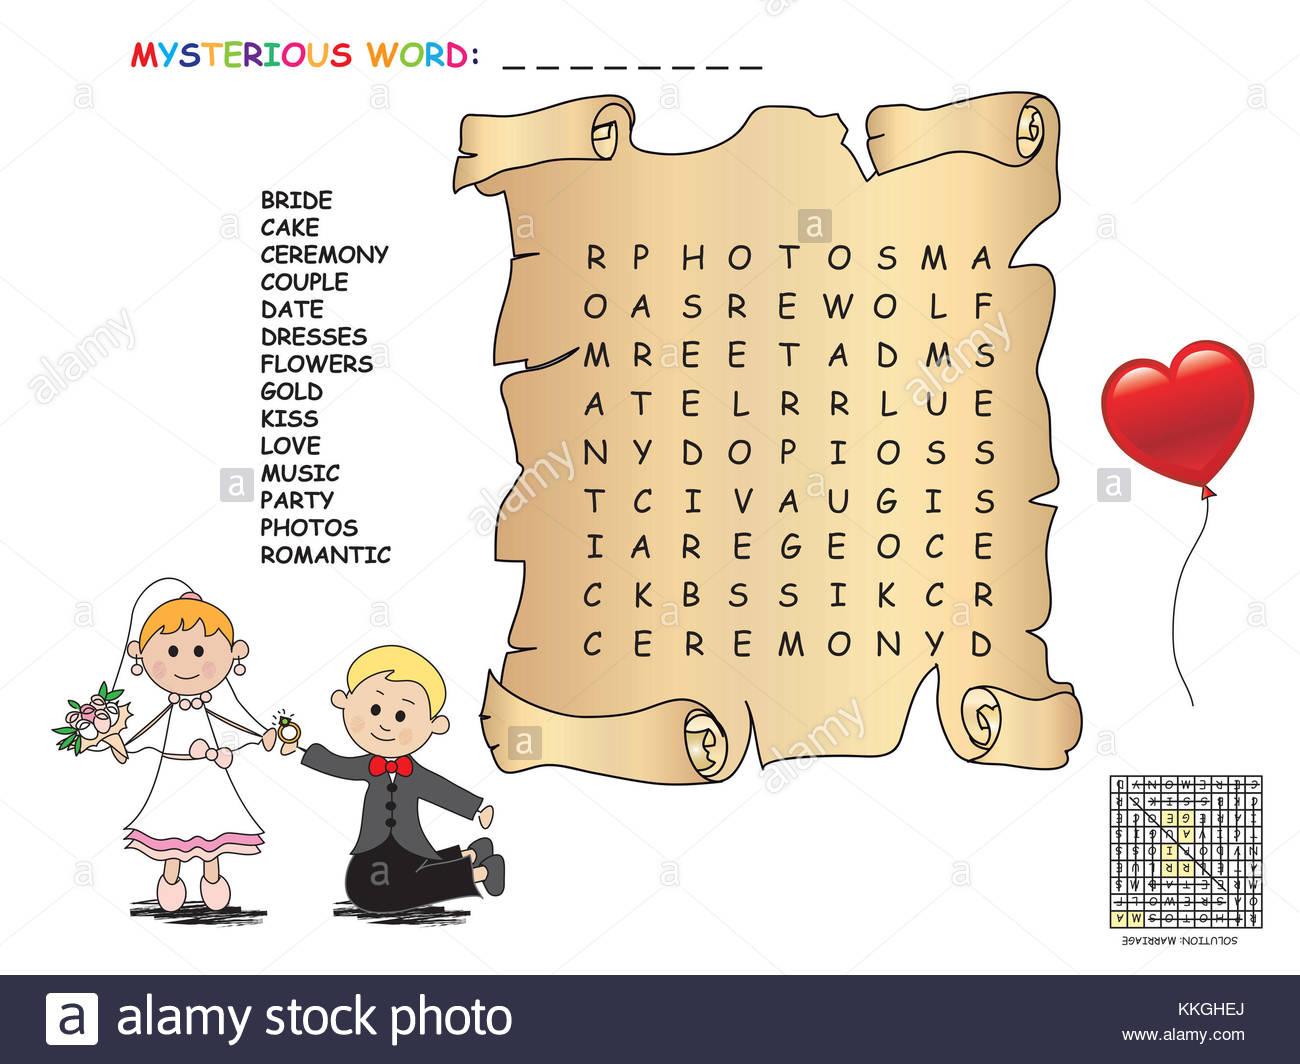 Jeu Pour Les Enfants : Mariage Mots Croisés Banque D'images avec Jeux De Mots Enfants